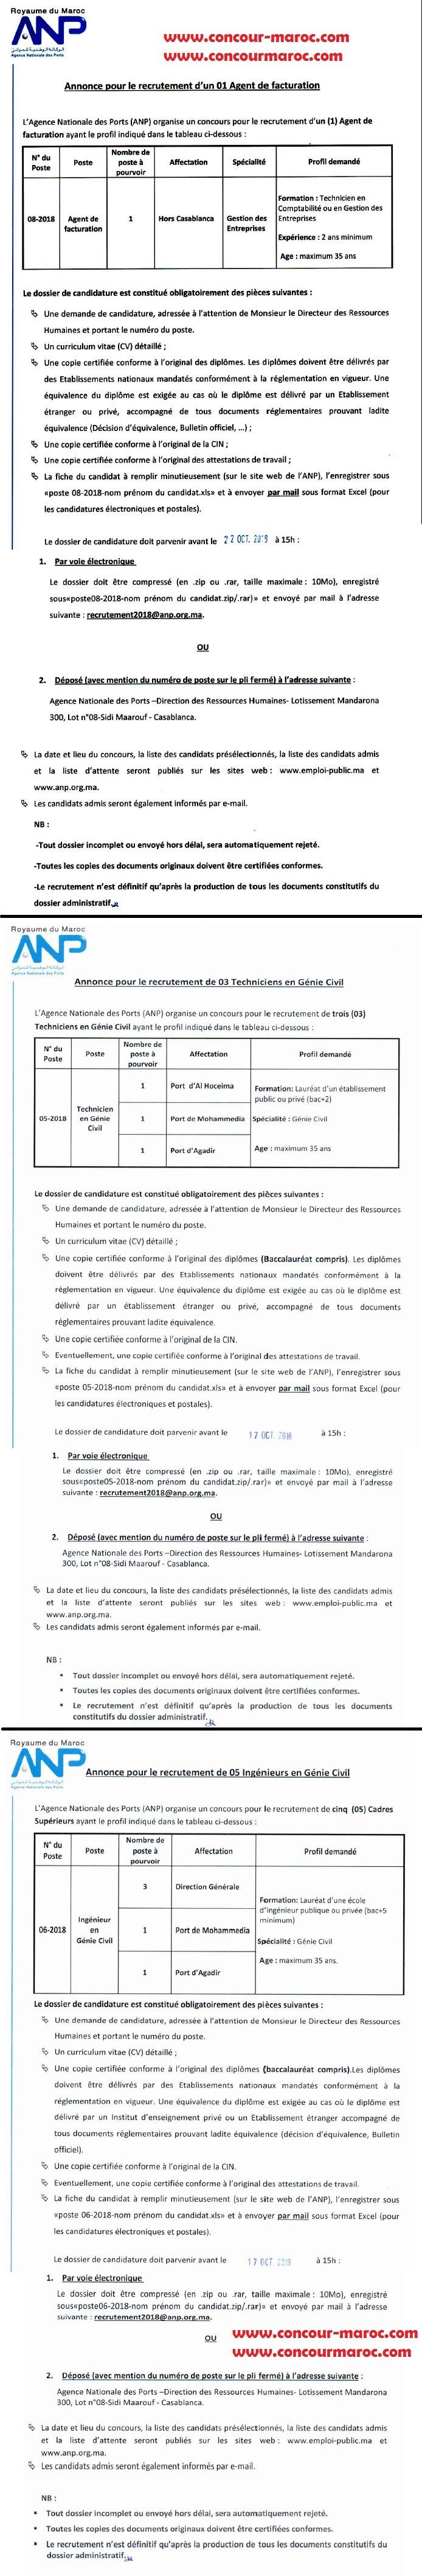 الوكالة الوطنية للموانئ: مباراة توظيف 01 عون فوترة و 02 تقني و 05 مهندس قبل 22 و 17 اكتوبر 2018 Concou37